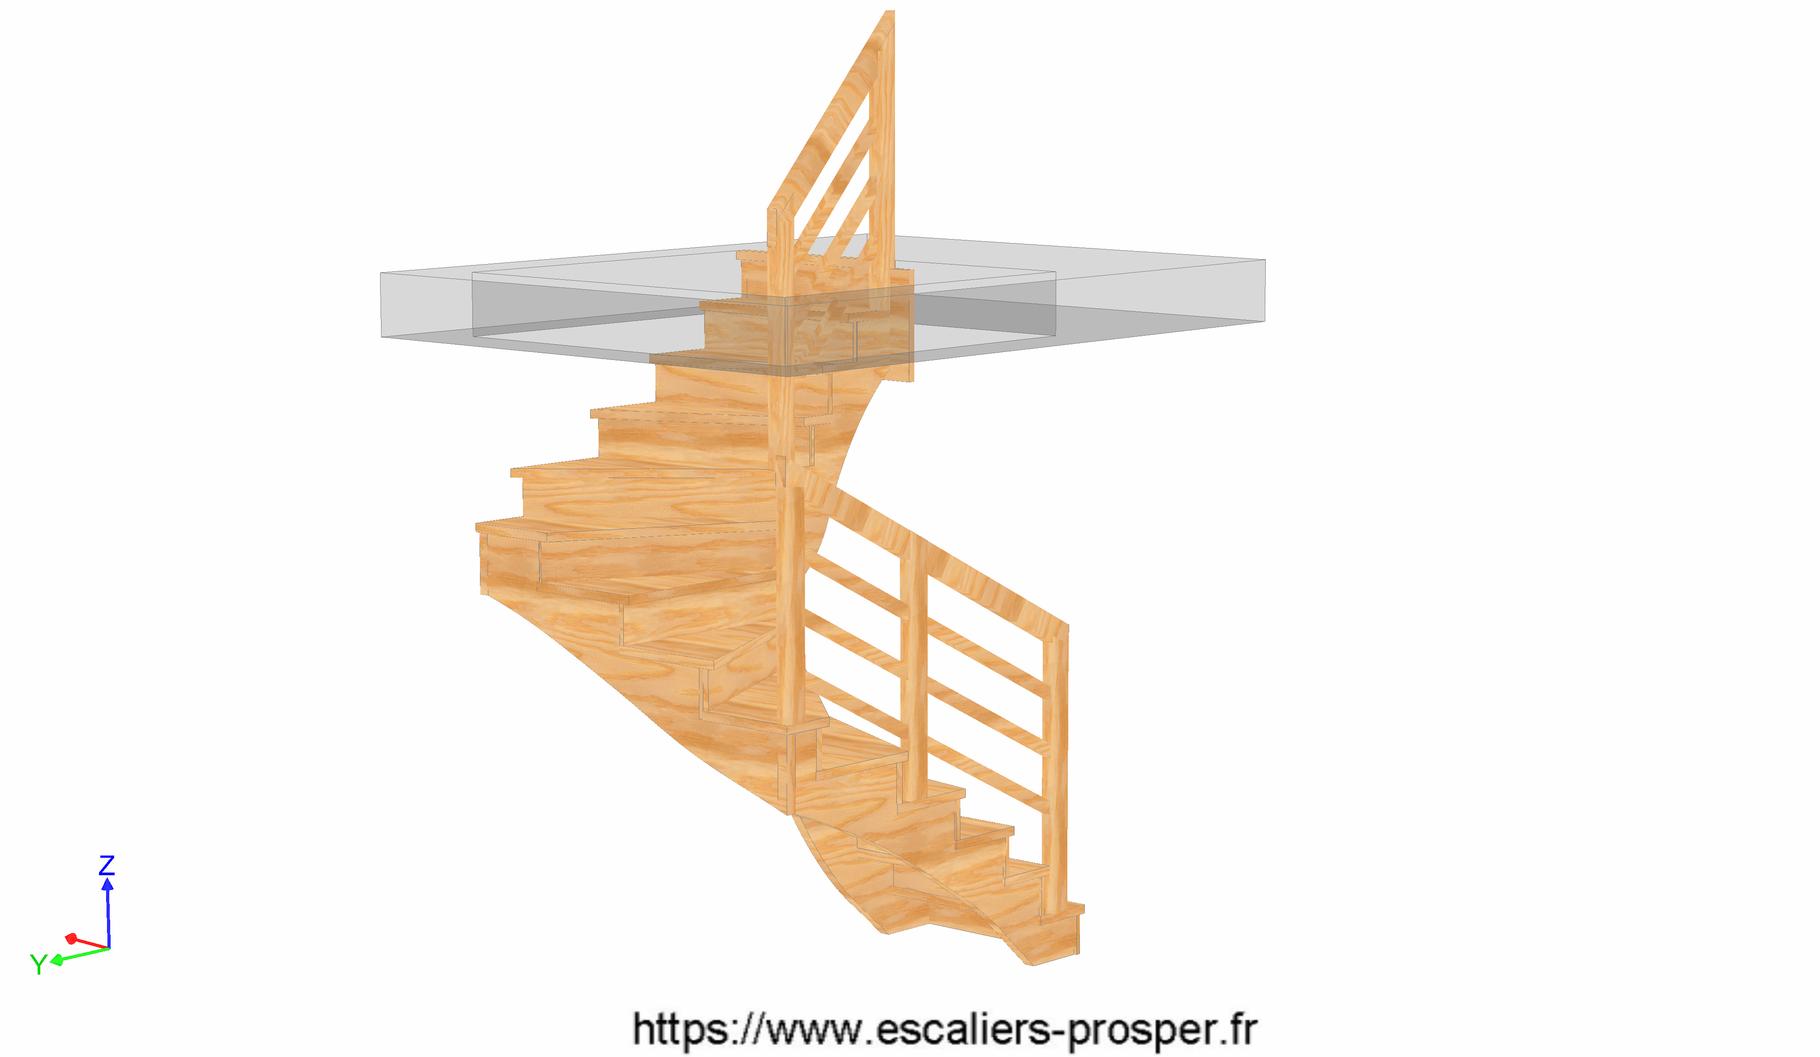 escalier en u l 39 anglaise e15 042 a rdc escaliers prosper sp cialiste de la conception. Black Bedroom Furniture Sets. Home Design Ideas